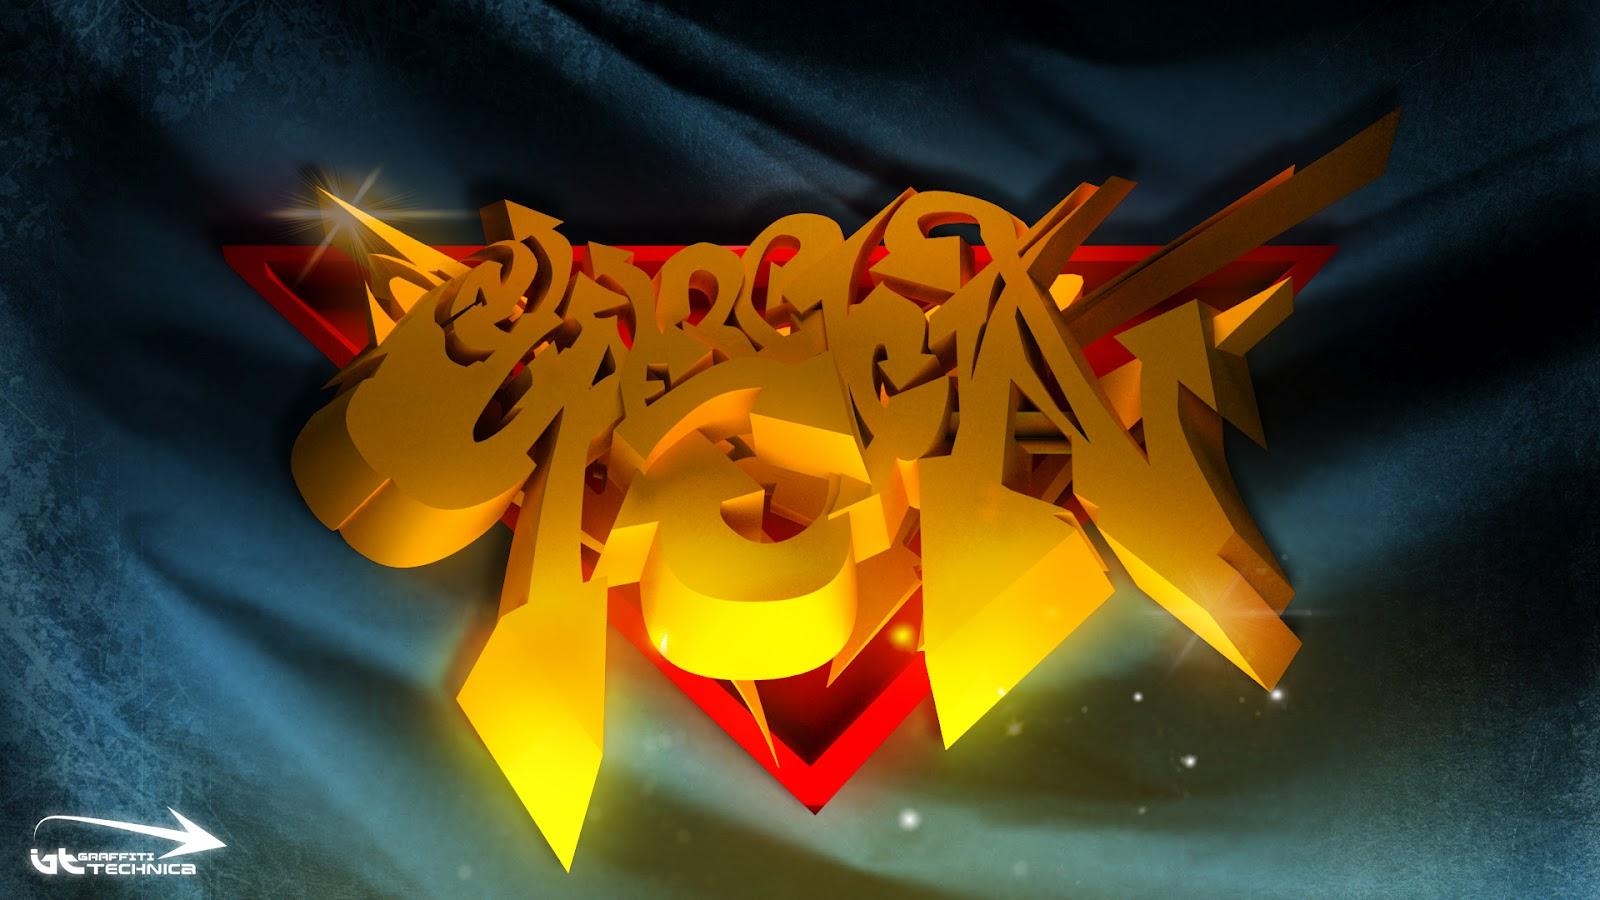 http://4.bp.blogspot.com/-XvCSGUWyjTo/UDmsgj2Q6LI/AAAAAAAAIiE/aqe4uWjRLBs/s1600/a1-graffiti-wallpaper-hd-2.jpg